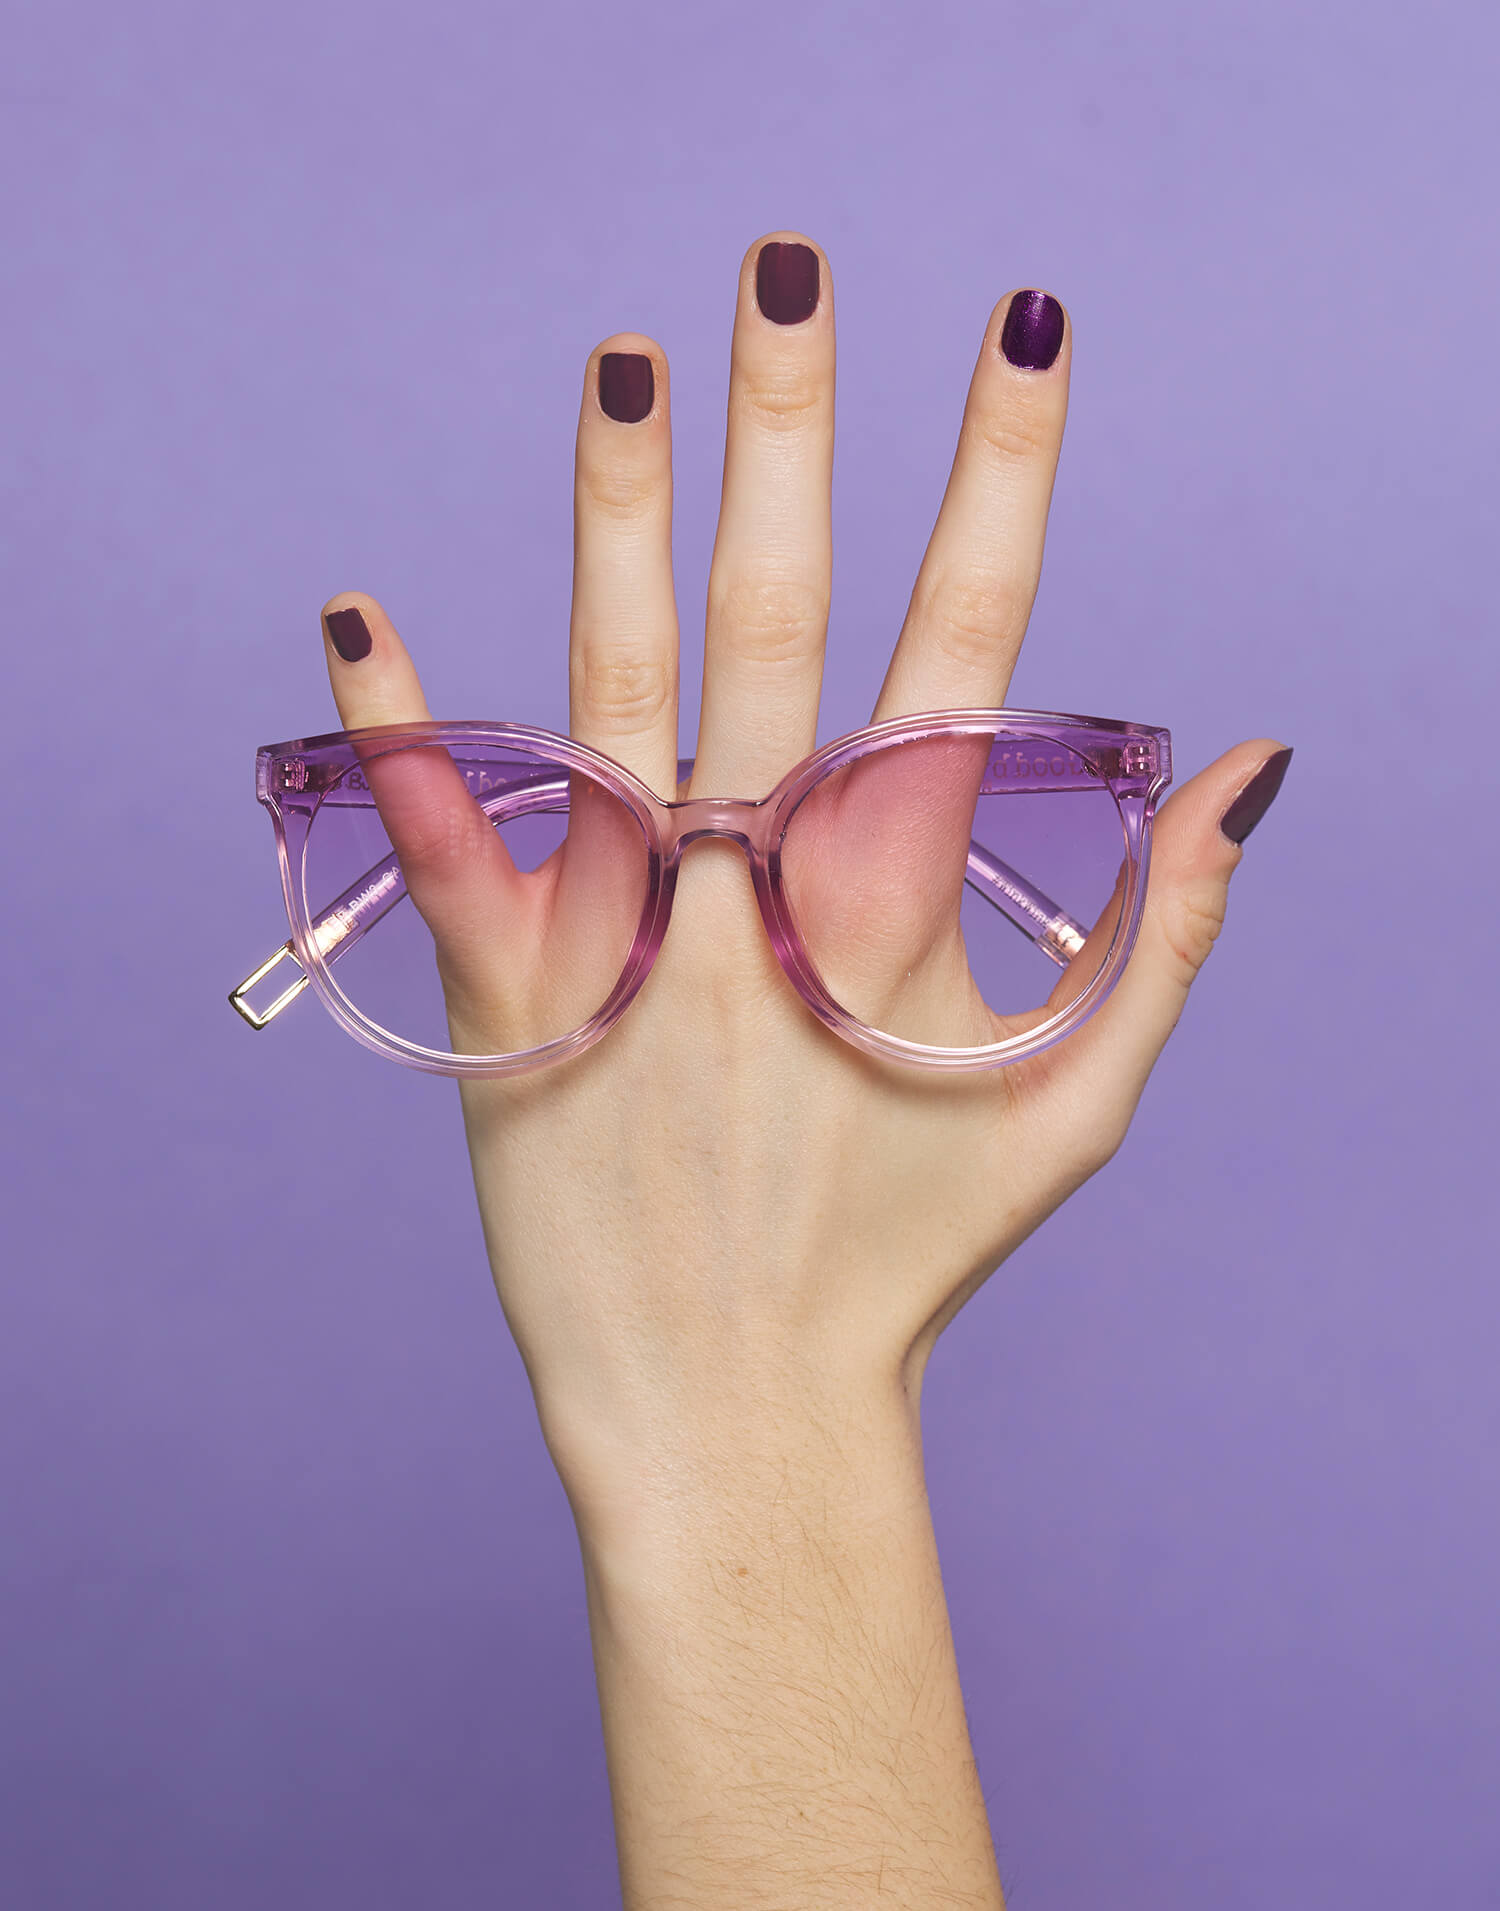 Gafas violetas feministas